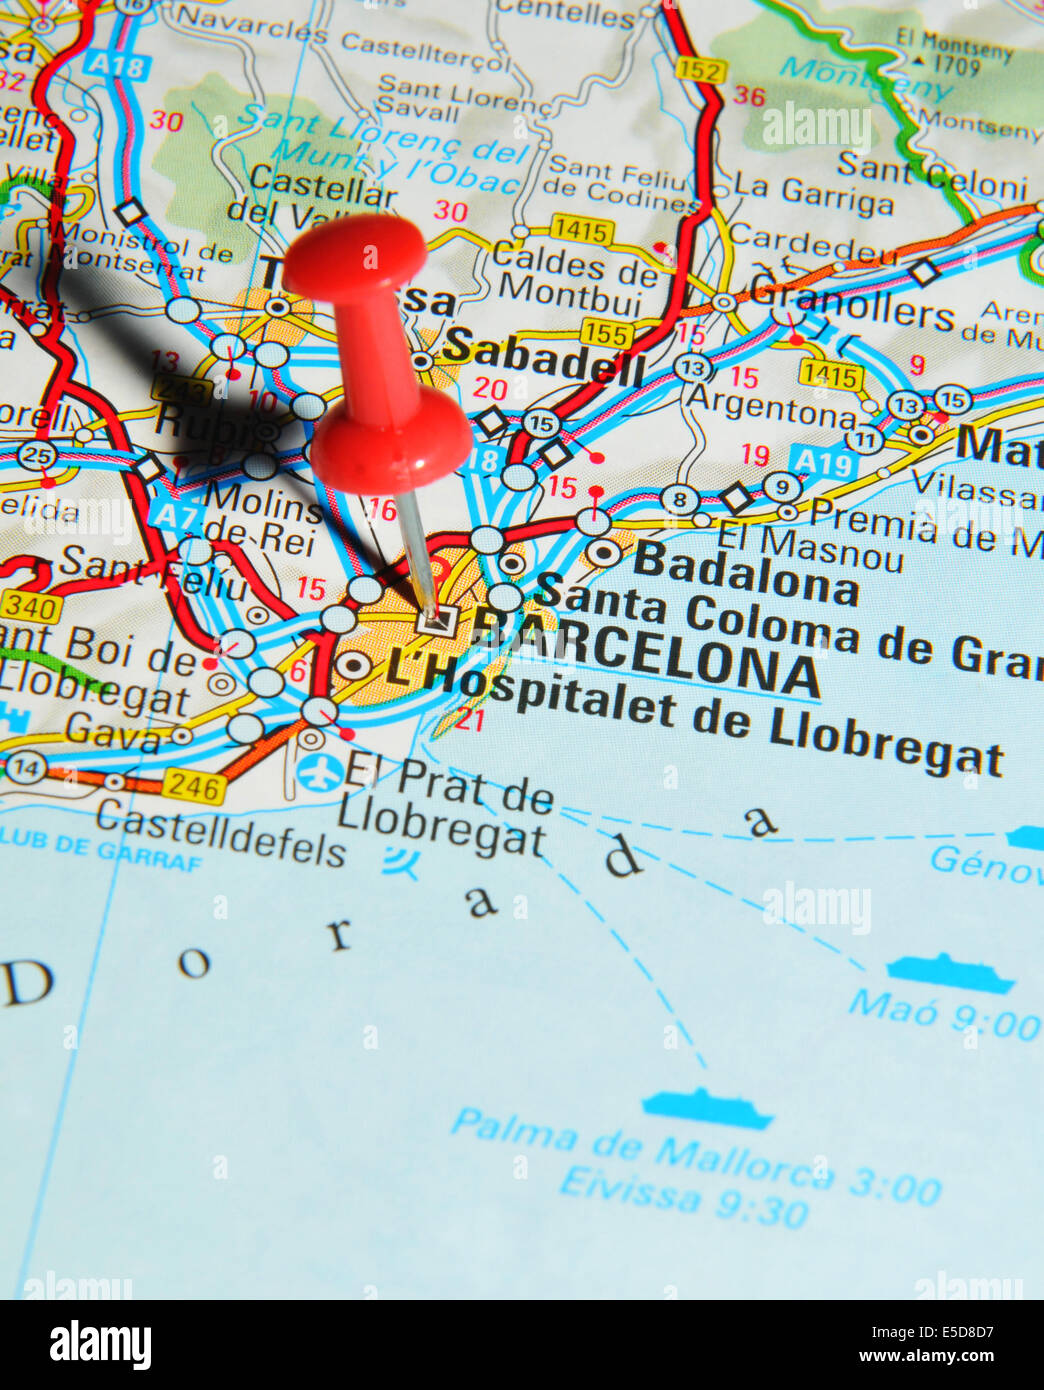 barcelona karte Barcelona auf Karte Stockfoto, Bild: 72206771   Alamy